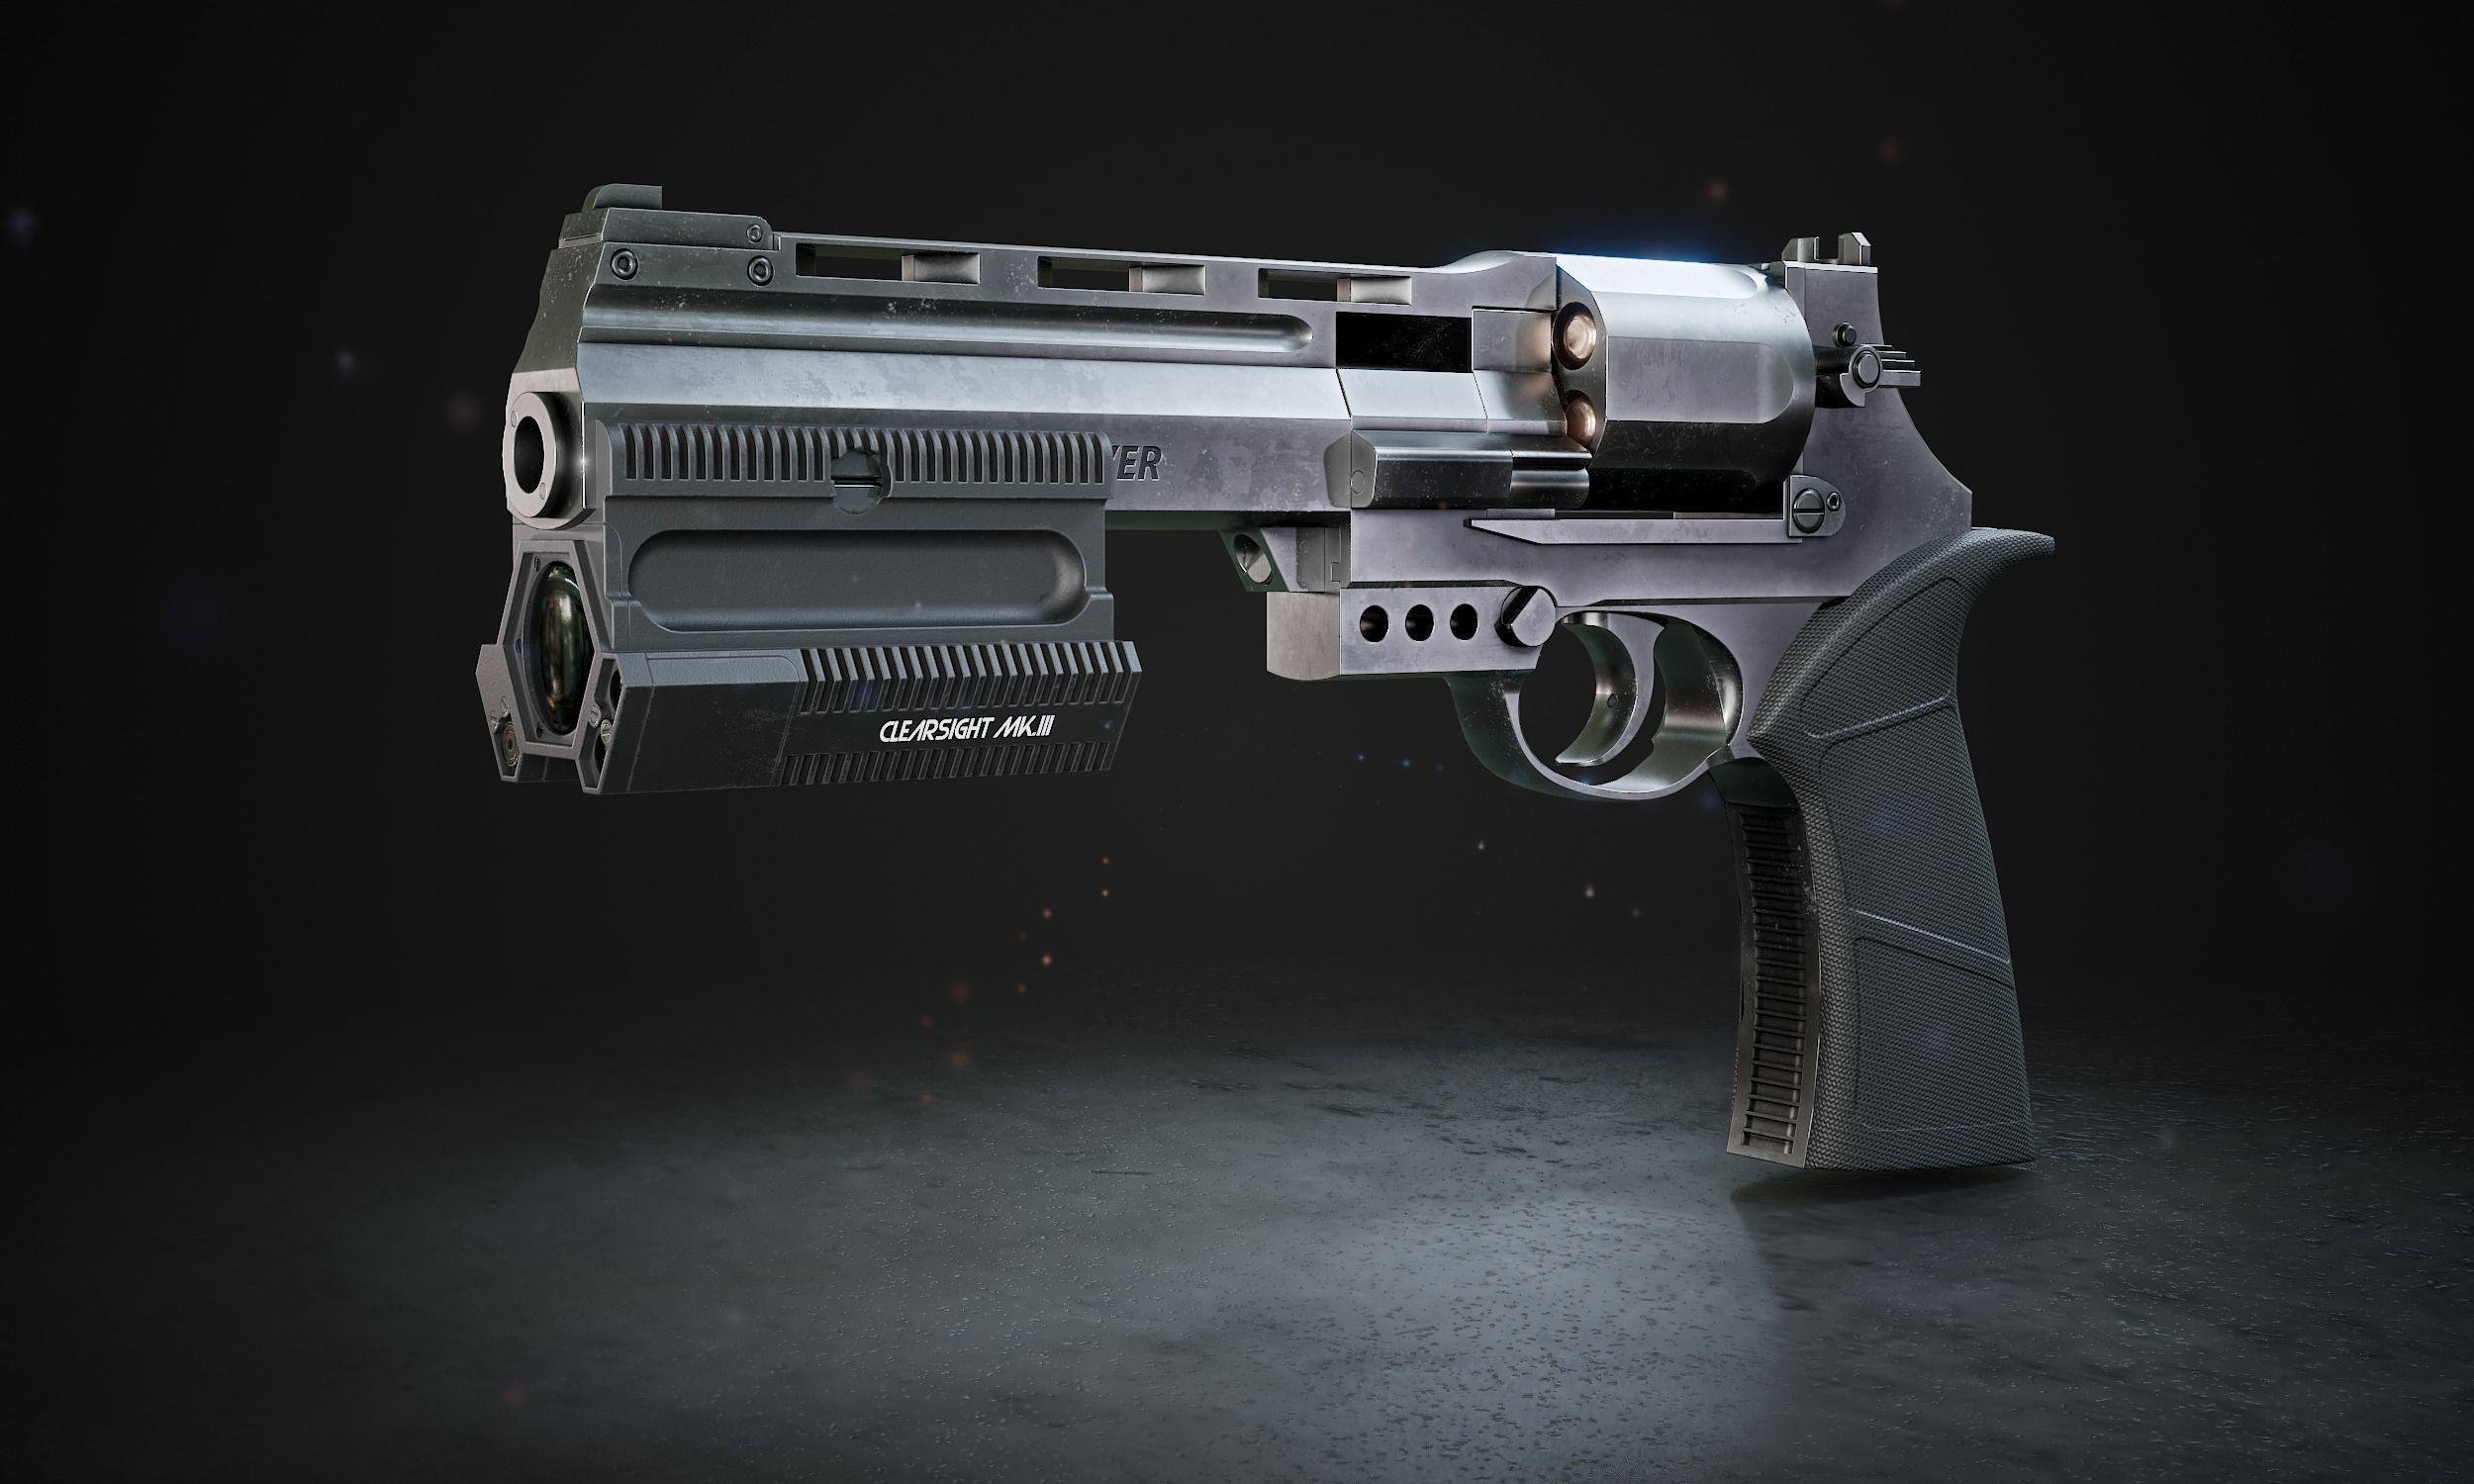 Automatic revolver